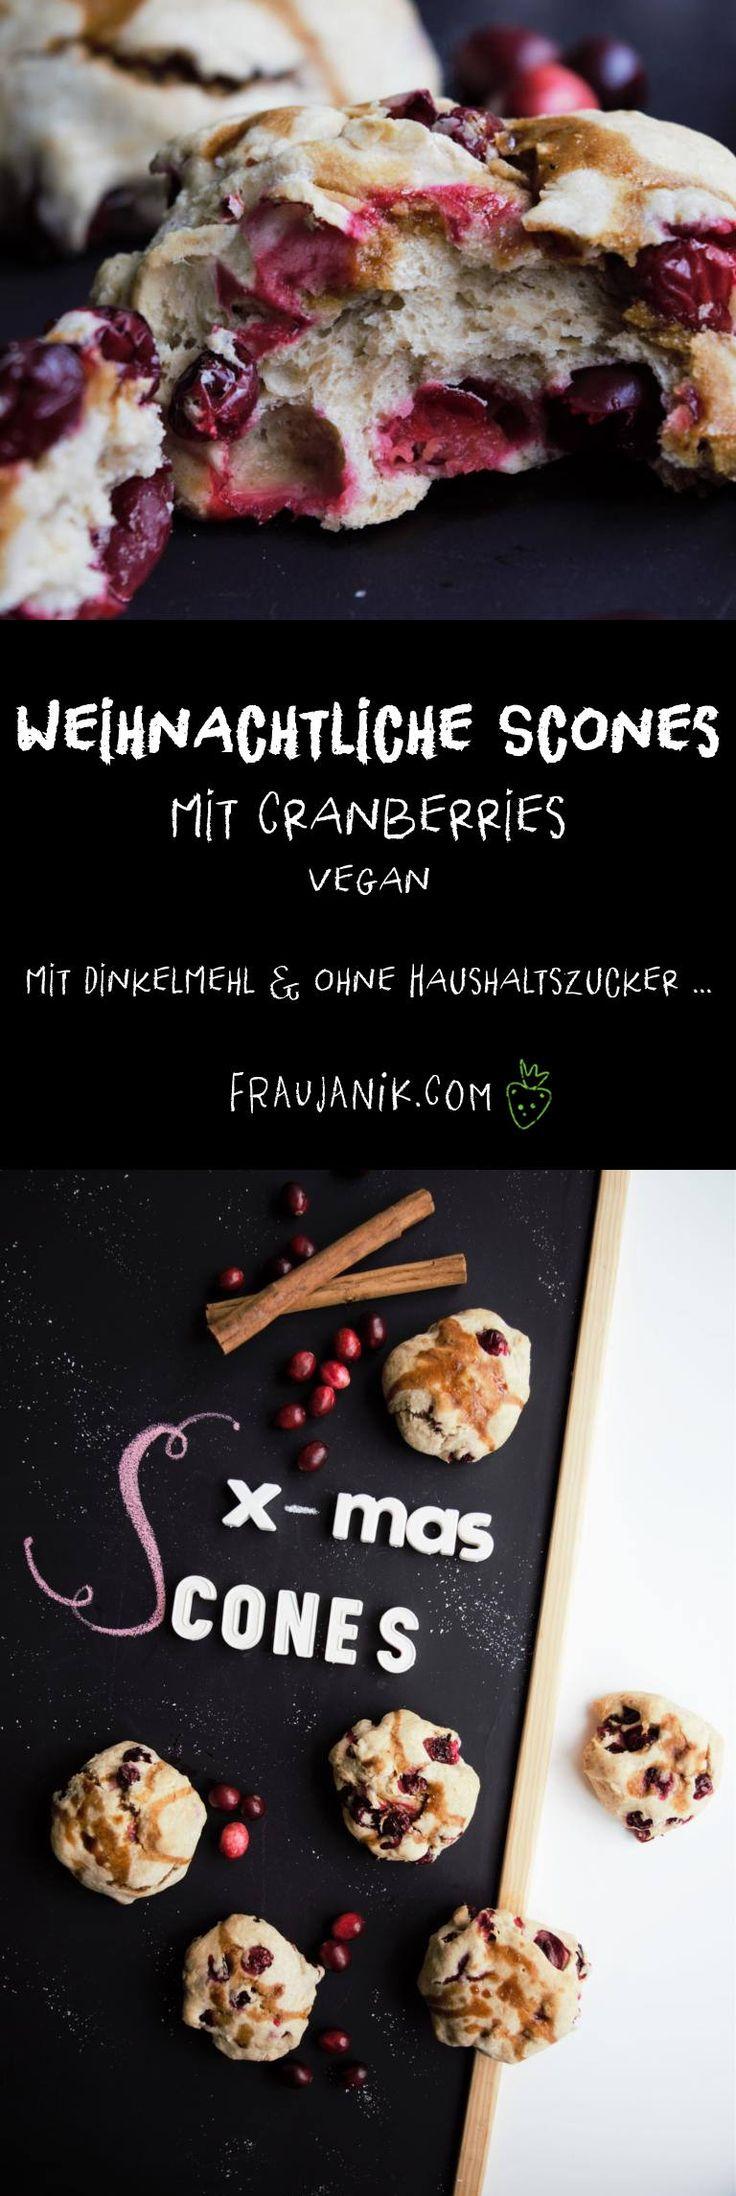 Weihnachtliche Scones mit Cranberries | vegan  - gesund, mit Dinkelmehl & ohne Haushaltszucker ... Hmm weihnachtliche Scones mit Cranberries und Zimt, so steht man doch gerne auf für ein leckeres Weihnachtsfrühstück oder? Mit Dinkelmehl, gesunder Kokosnussmilch und das Beste: Super schnell zubereitet! #weihnachten #scones #vegan #cranberries #zimt #weihnachtsgebäck #gesundbacken #backen #gesund